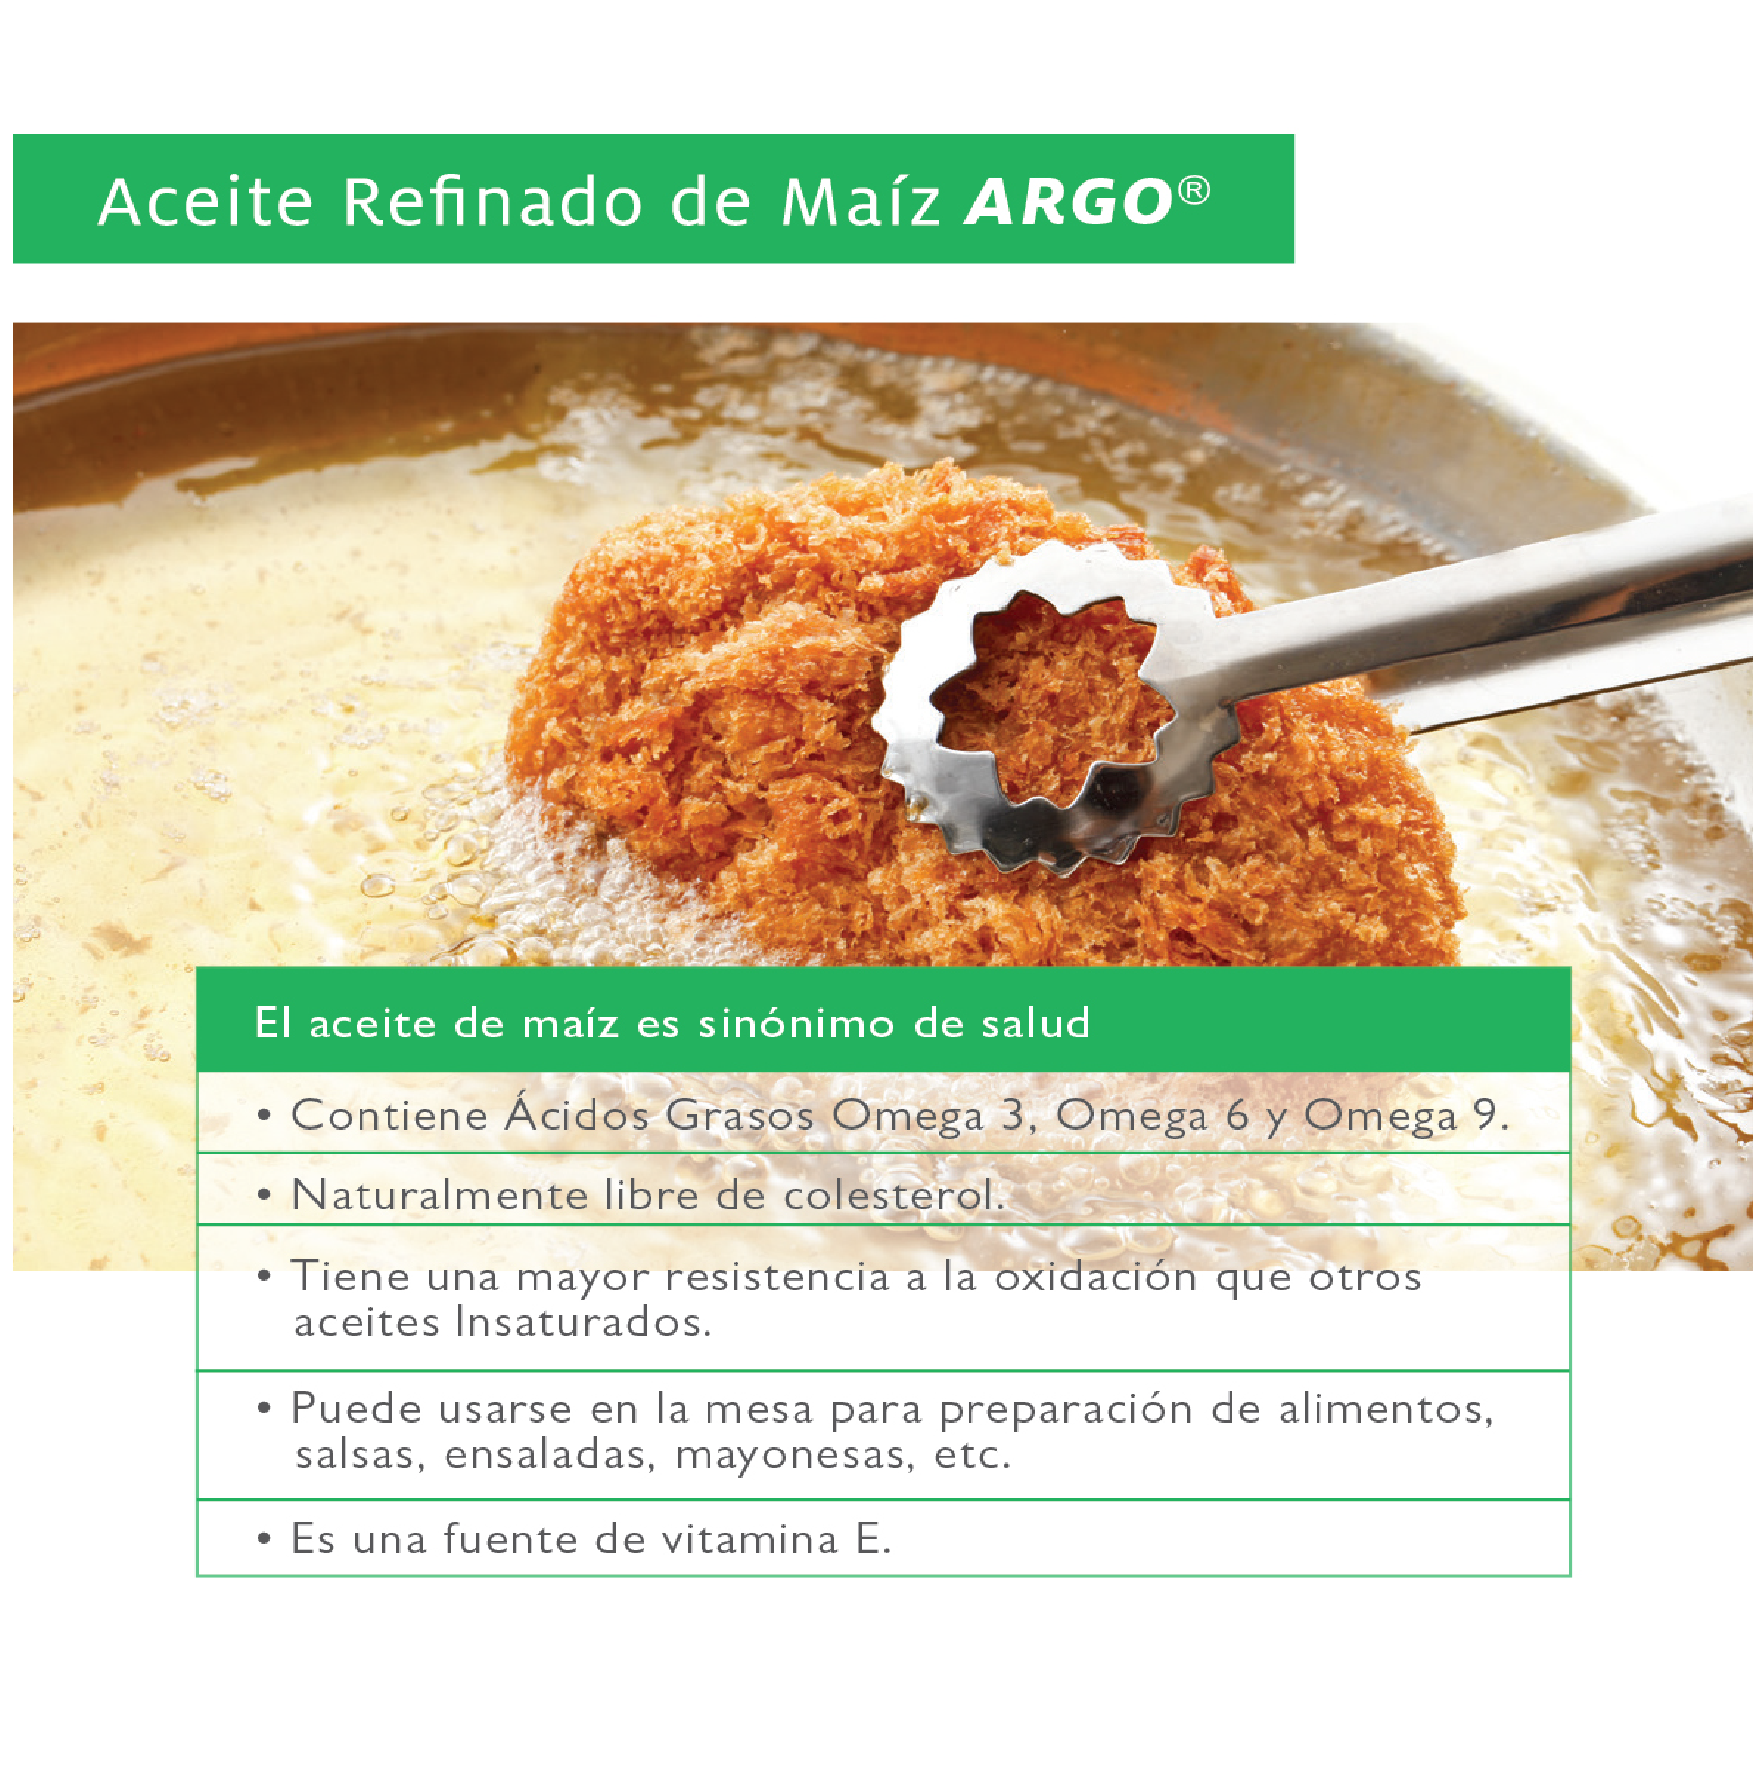 ACEITE DE MAÍZ REFINADO ARGO